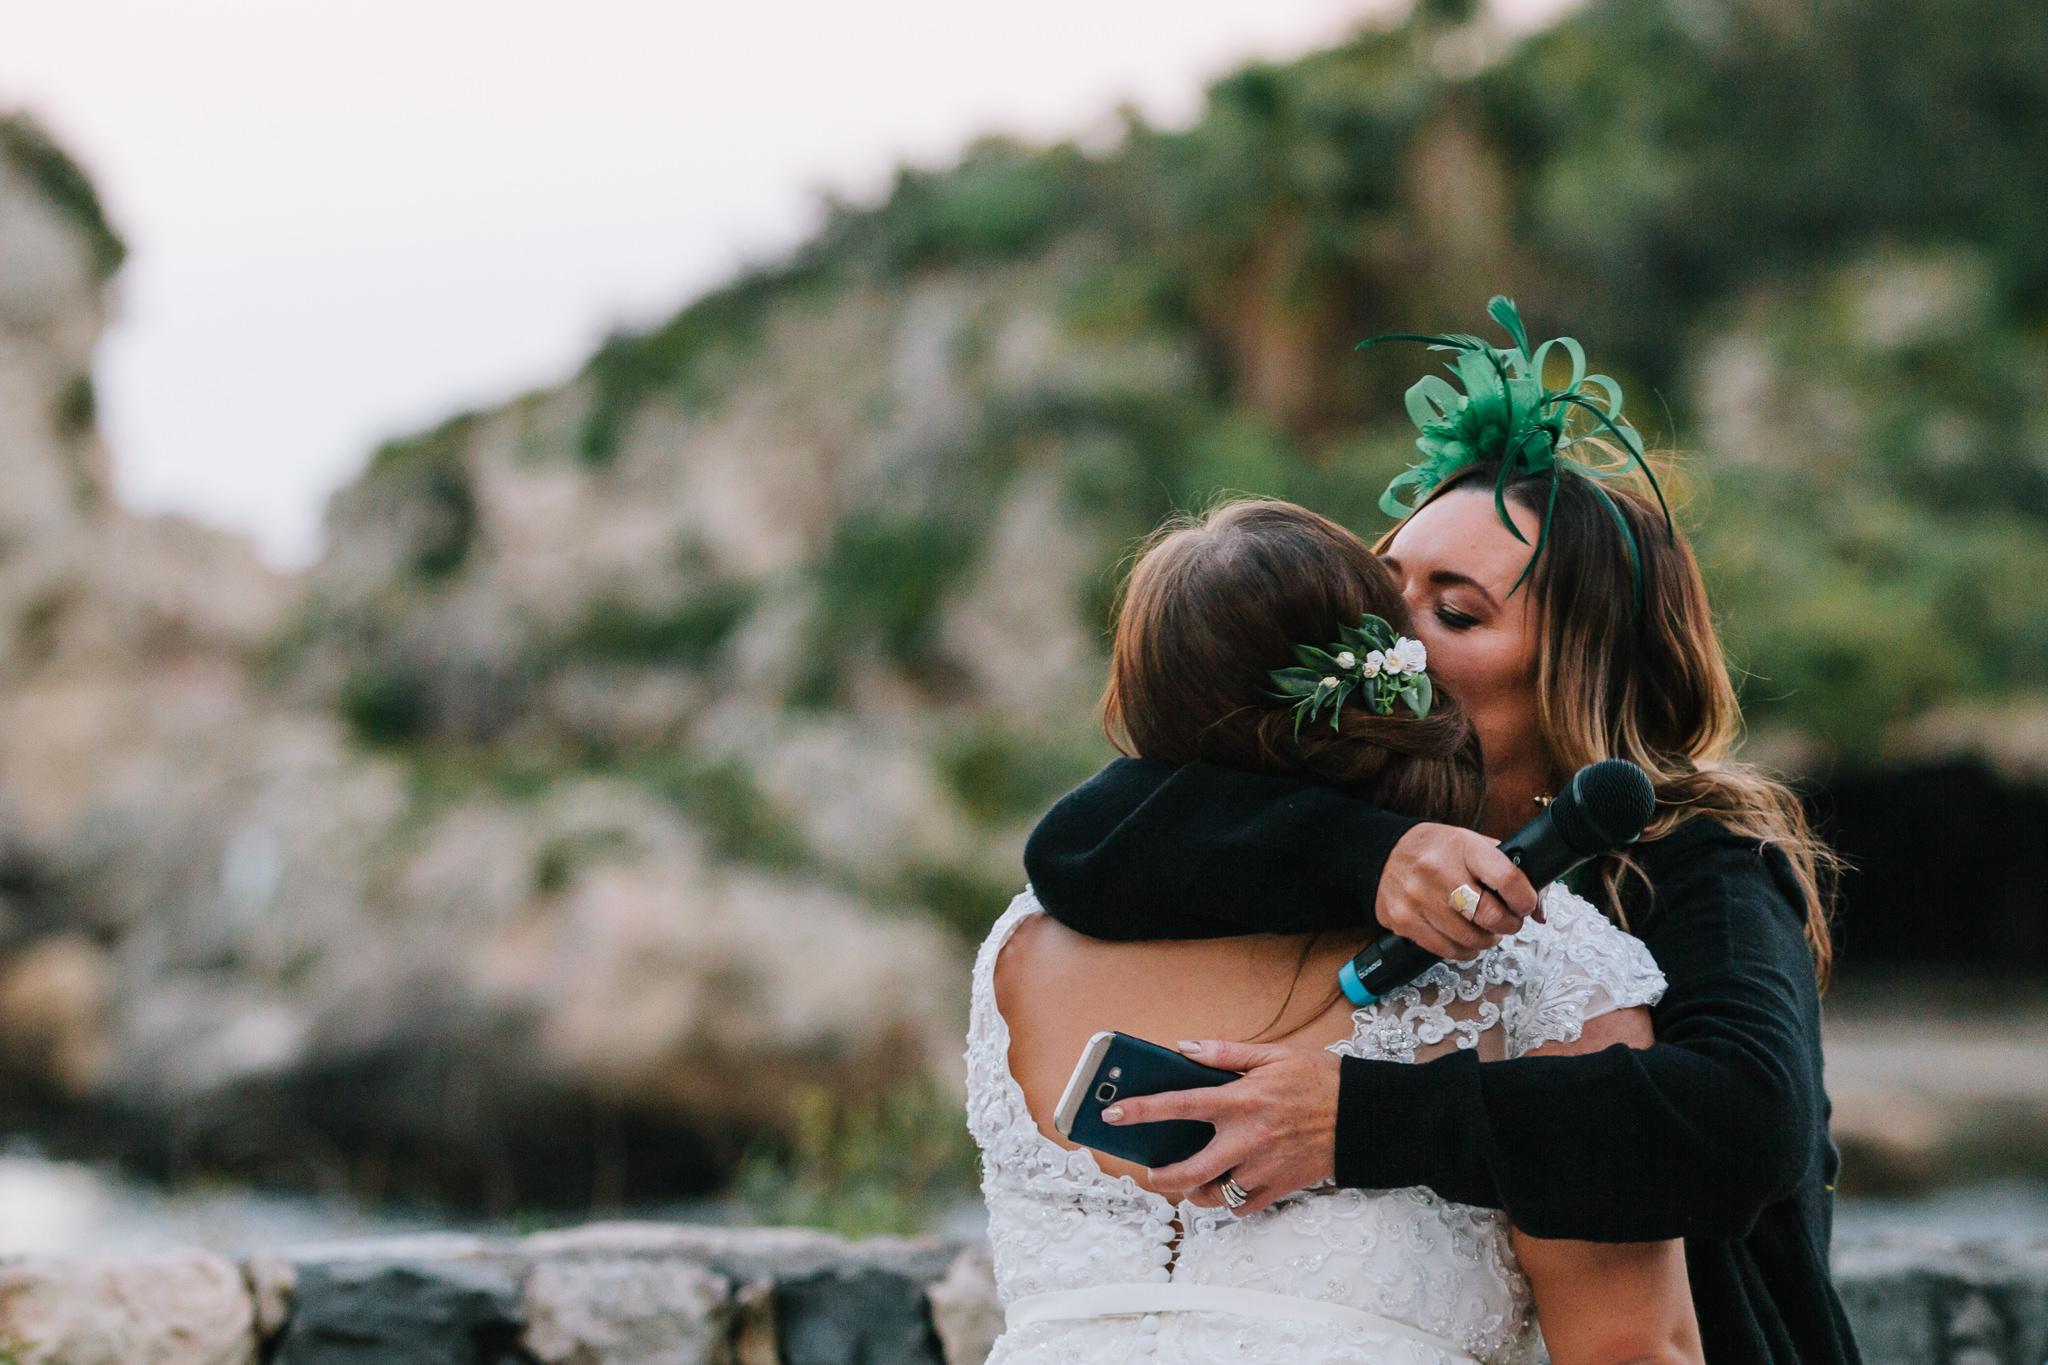 062-2019-04-27-Wedding-Michelle-e-Callum-Zoom-300